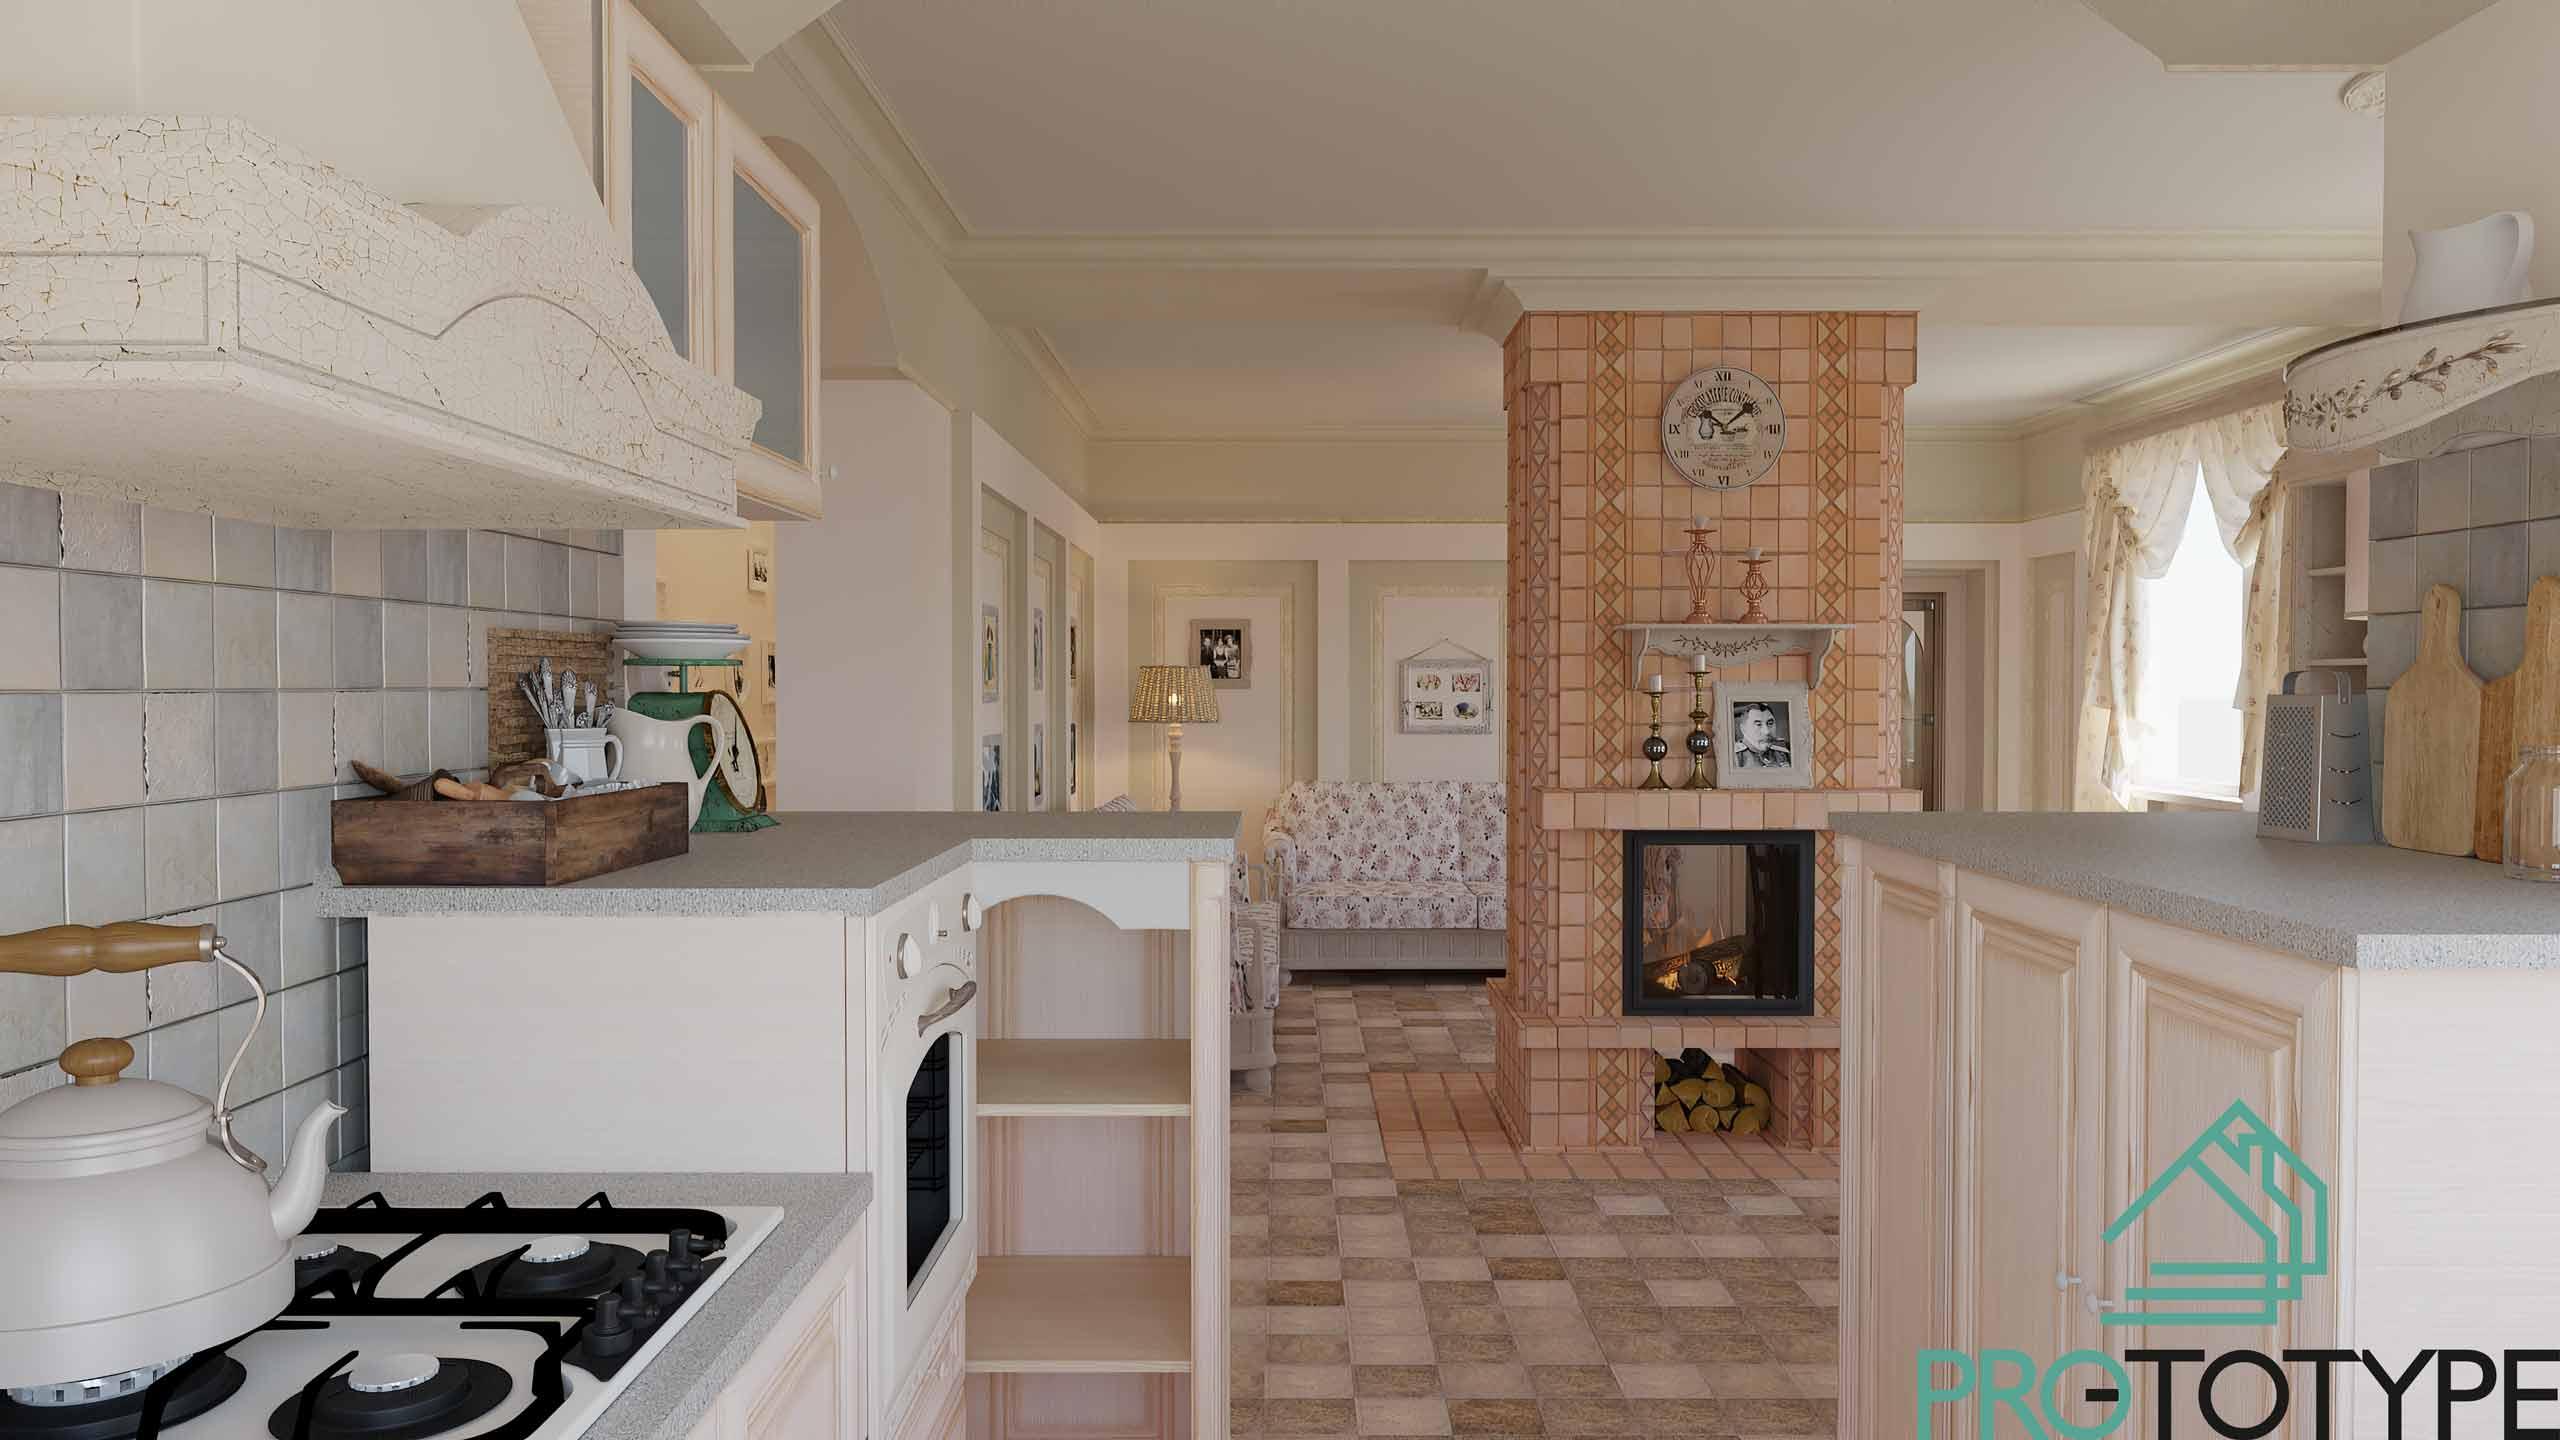 Кухня в стилистике Прованса в частном доме